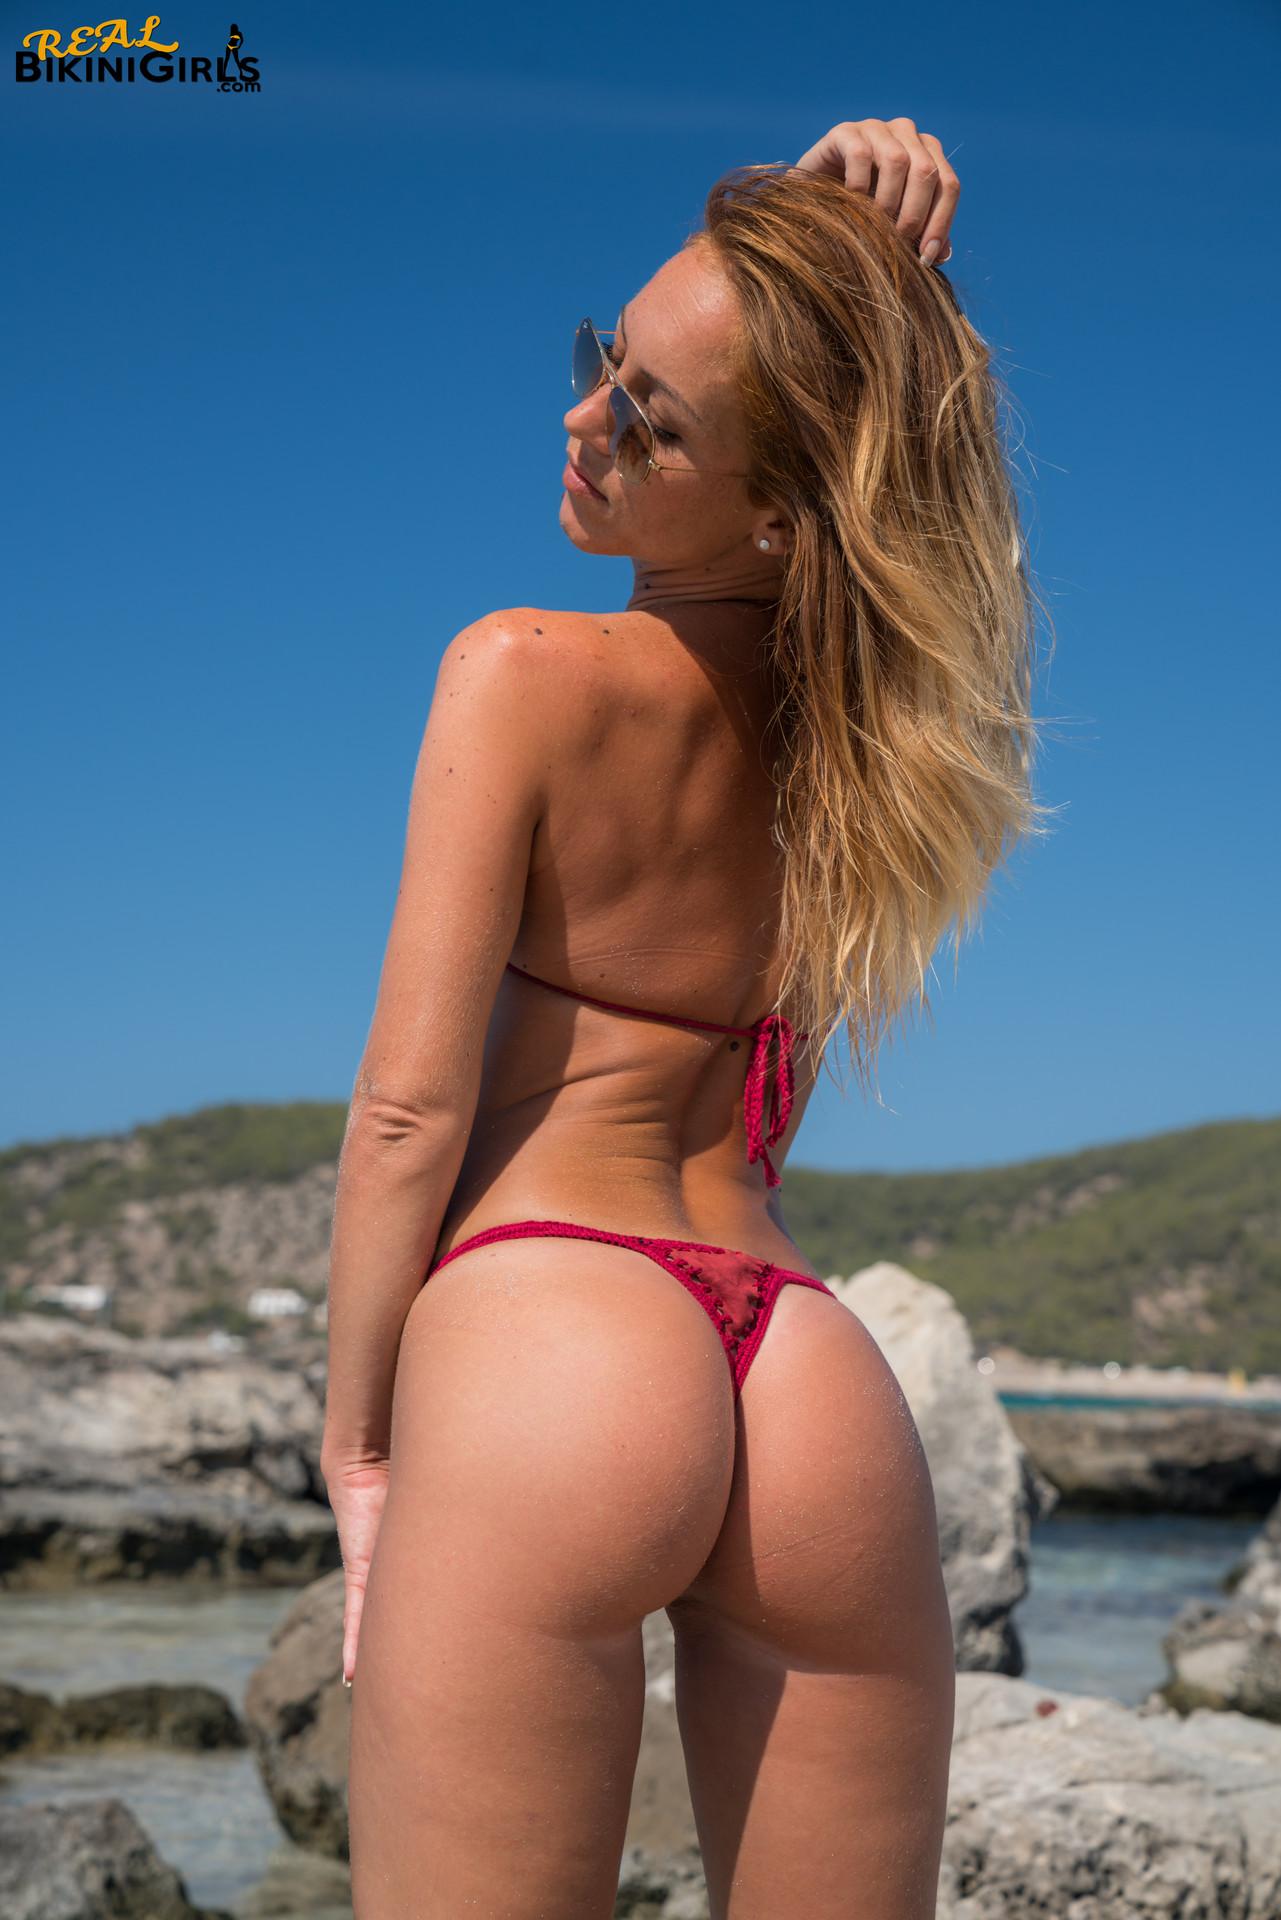 Sexy Snaps - Real Bikini Girls